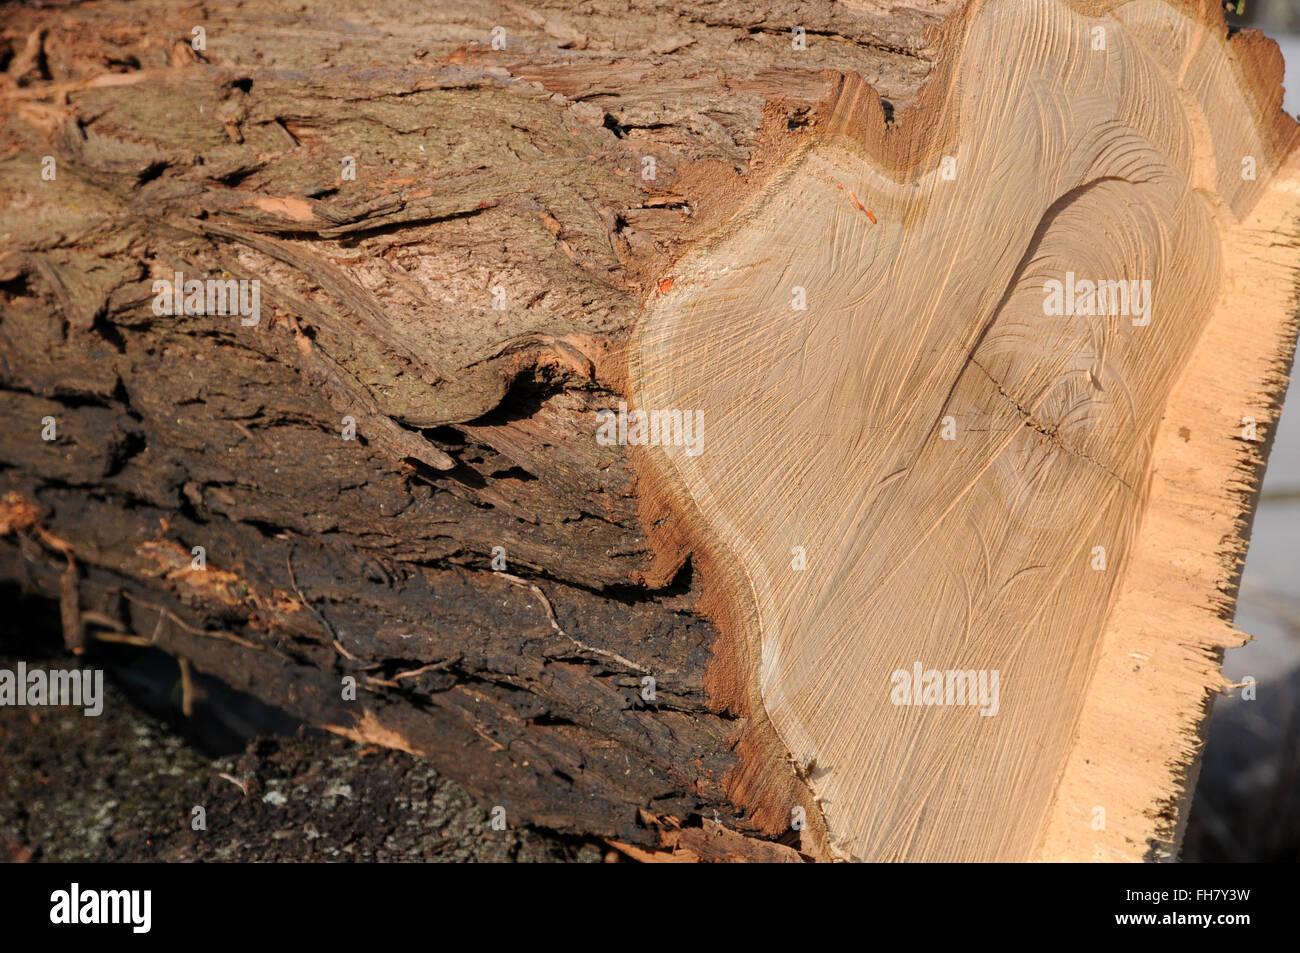 Robinia, legno Foto & Immagine Stock: 96675933 - Alamy